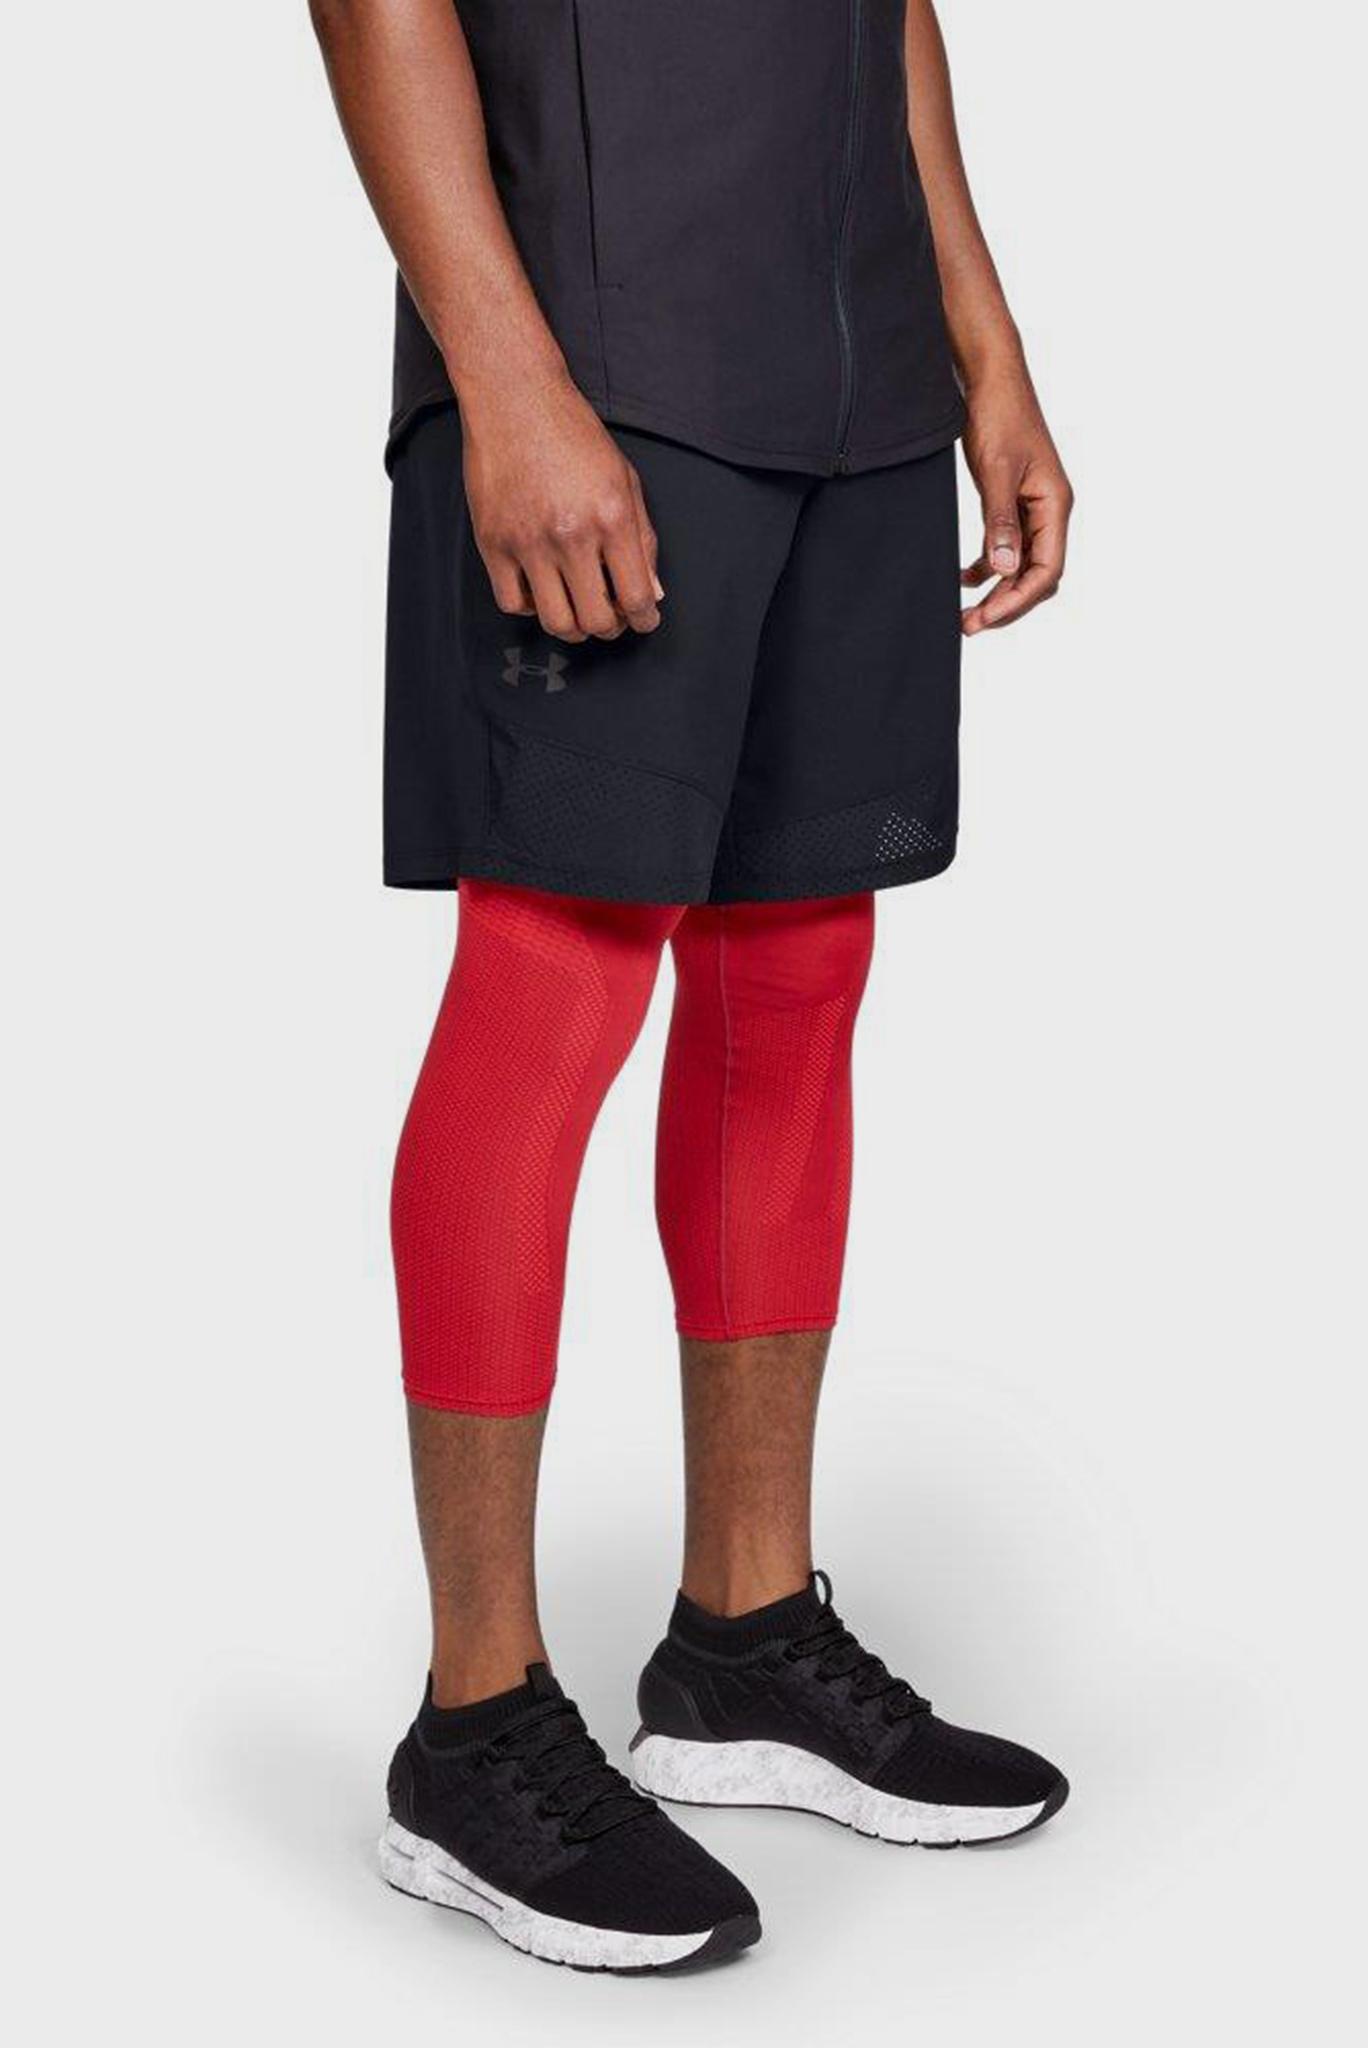 Мужские черные шорты Vanish Woven Short Under Armour